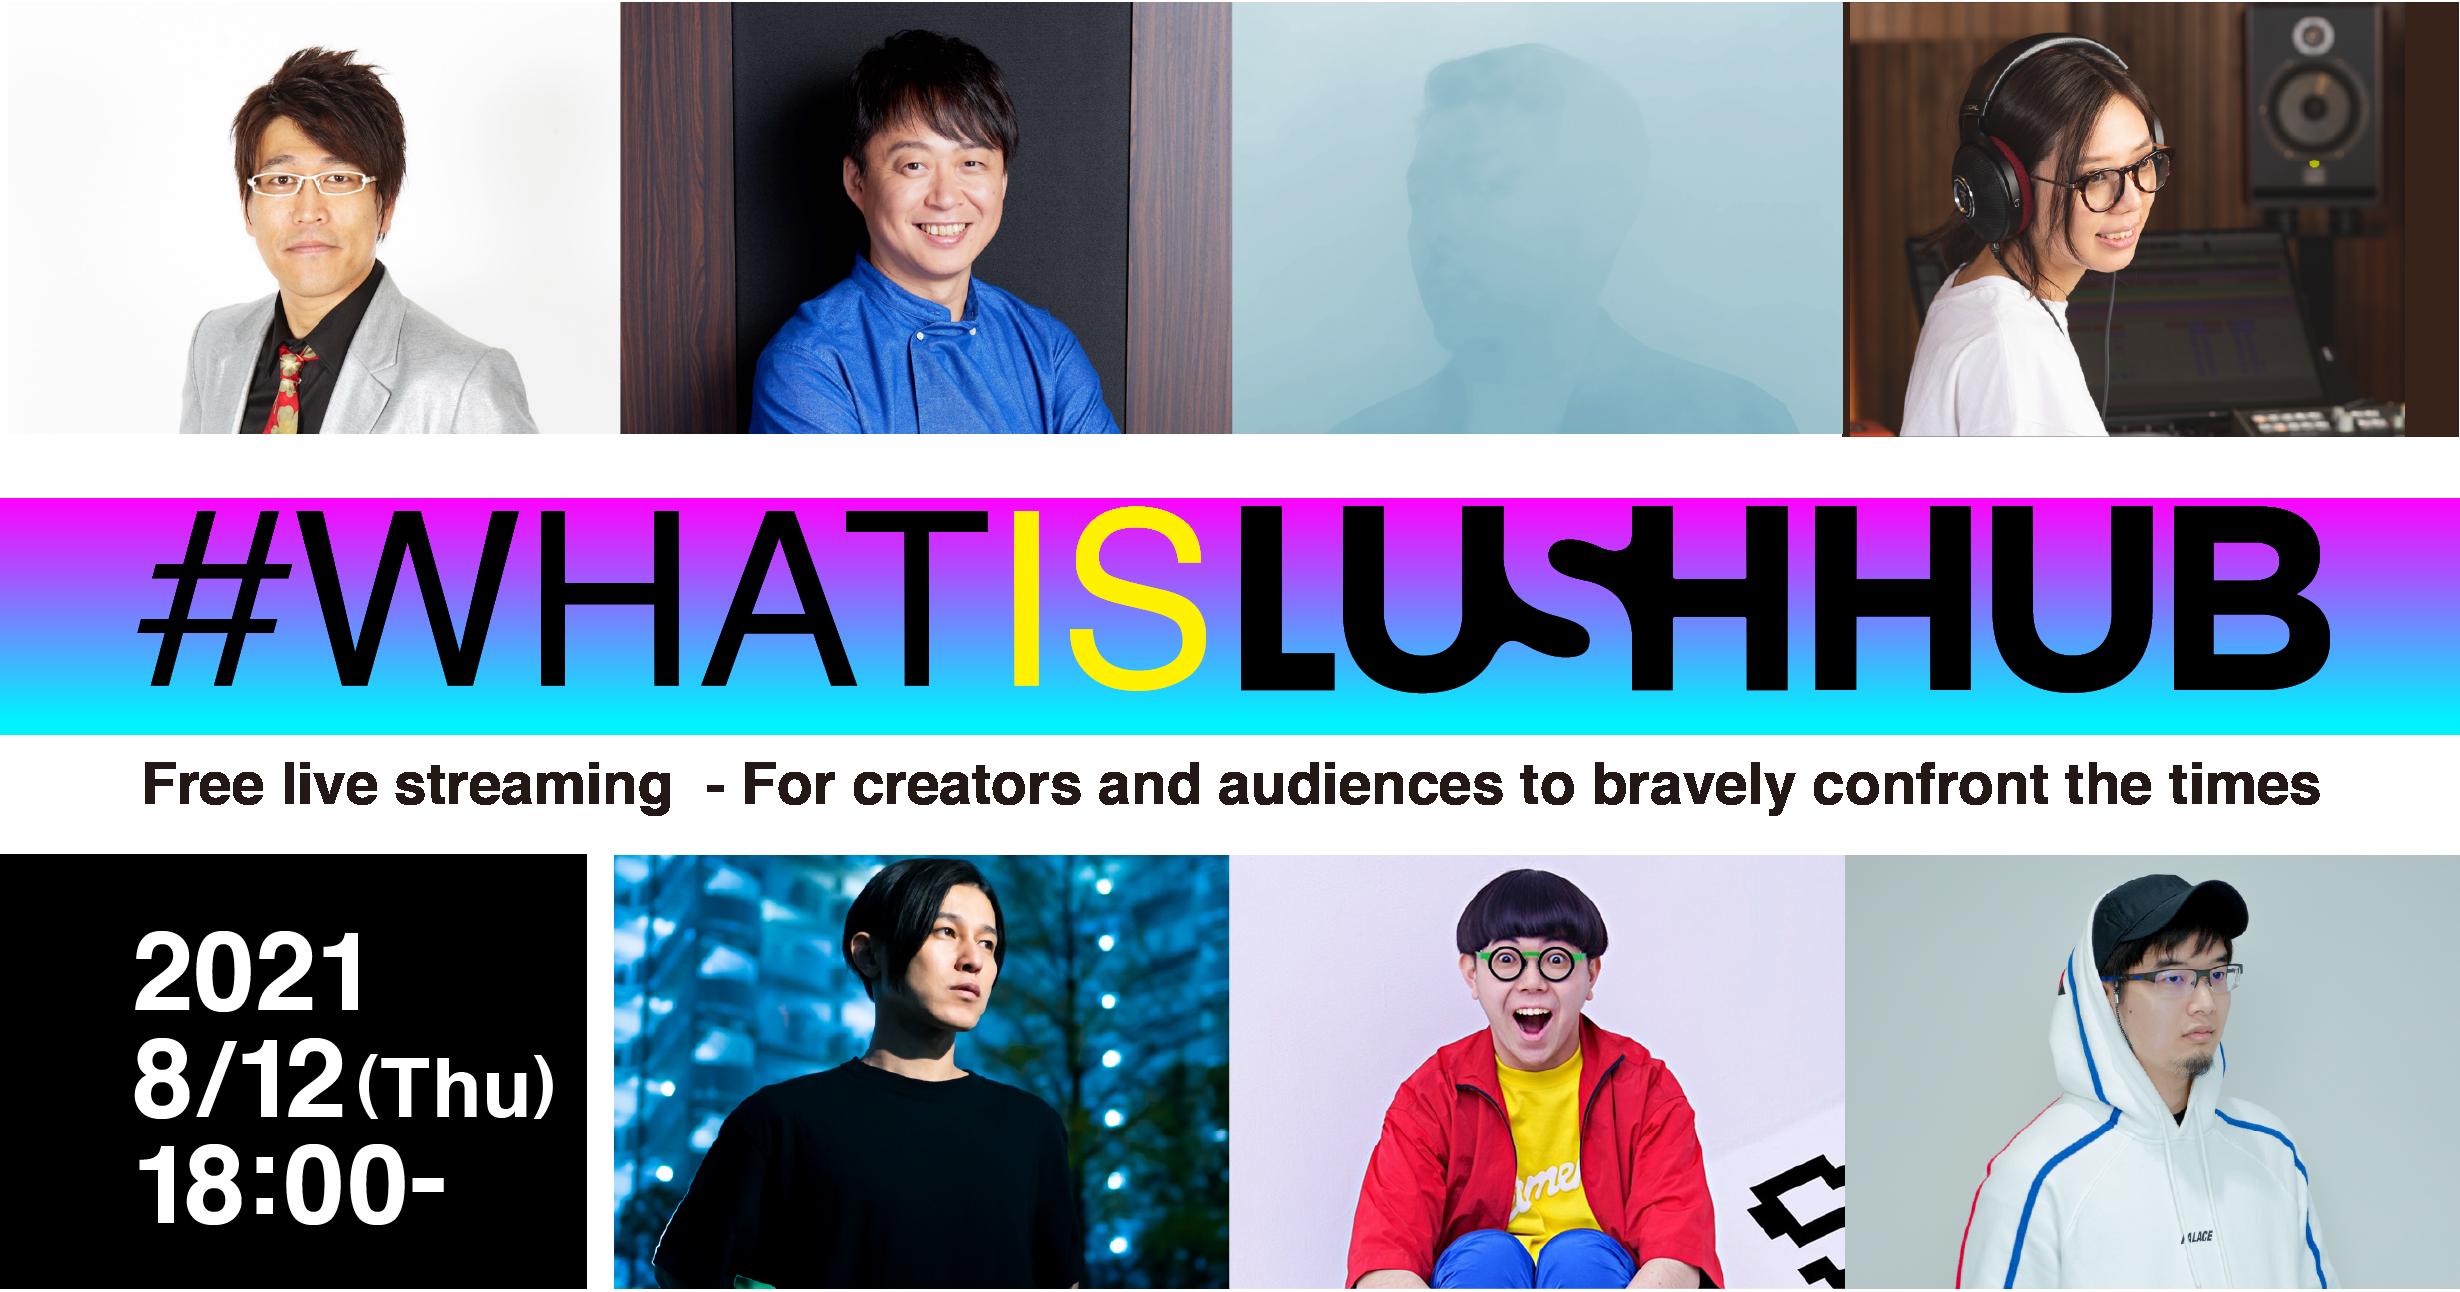 LUSH HUB グランドオープニング・オンライン・イベント